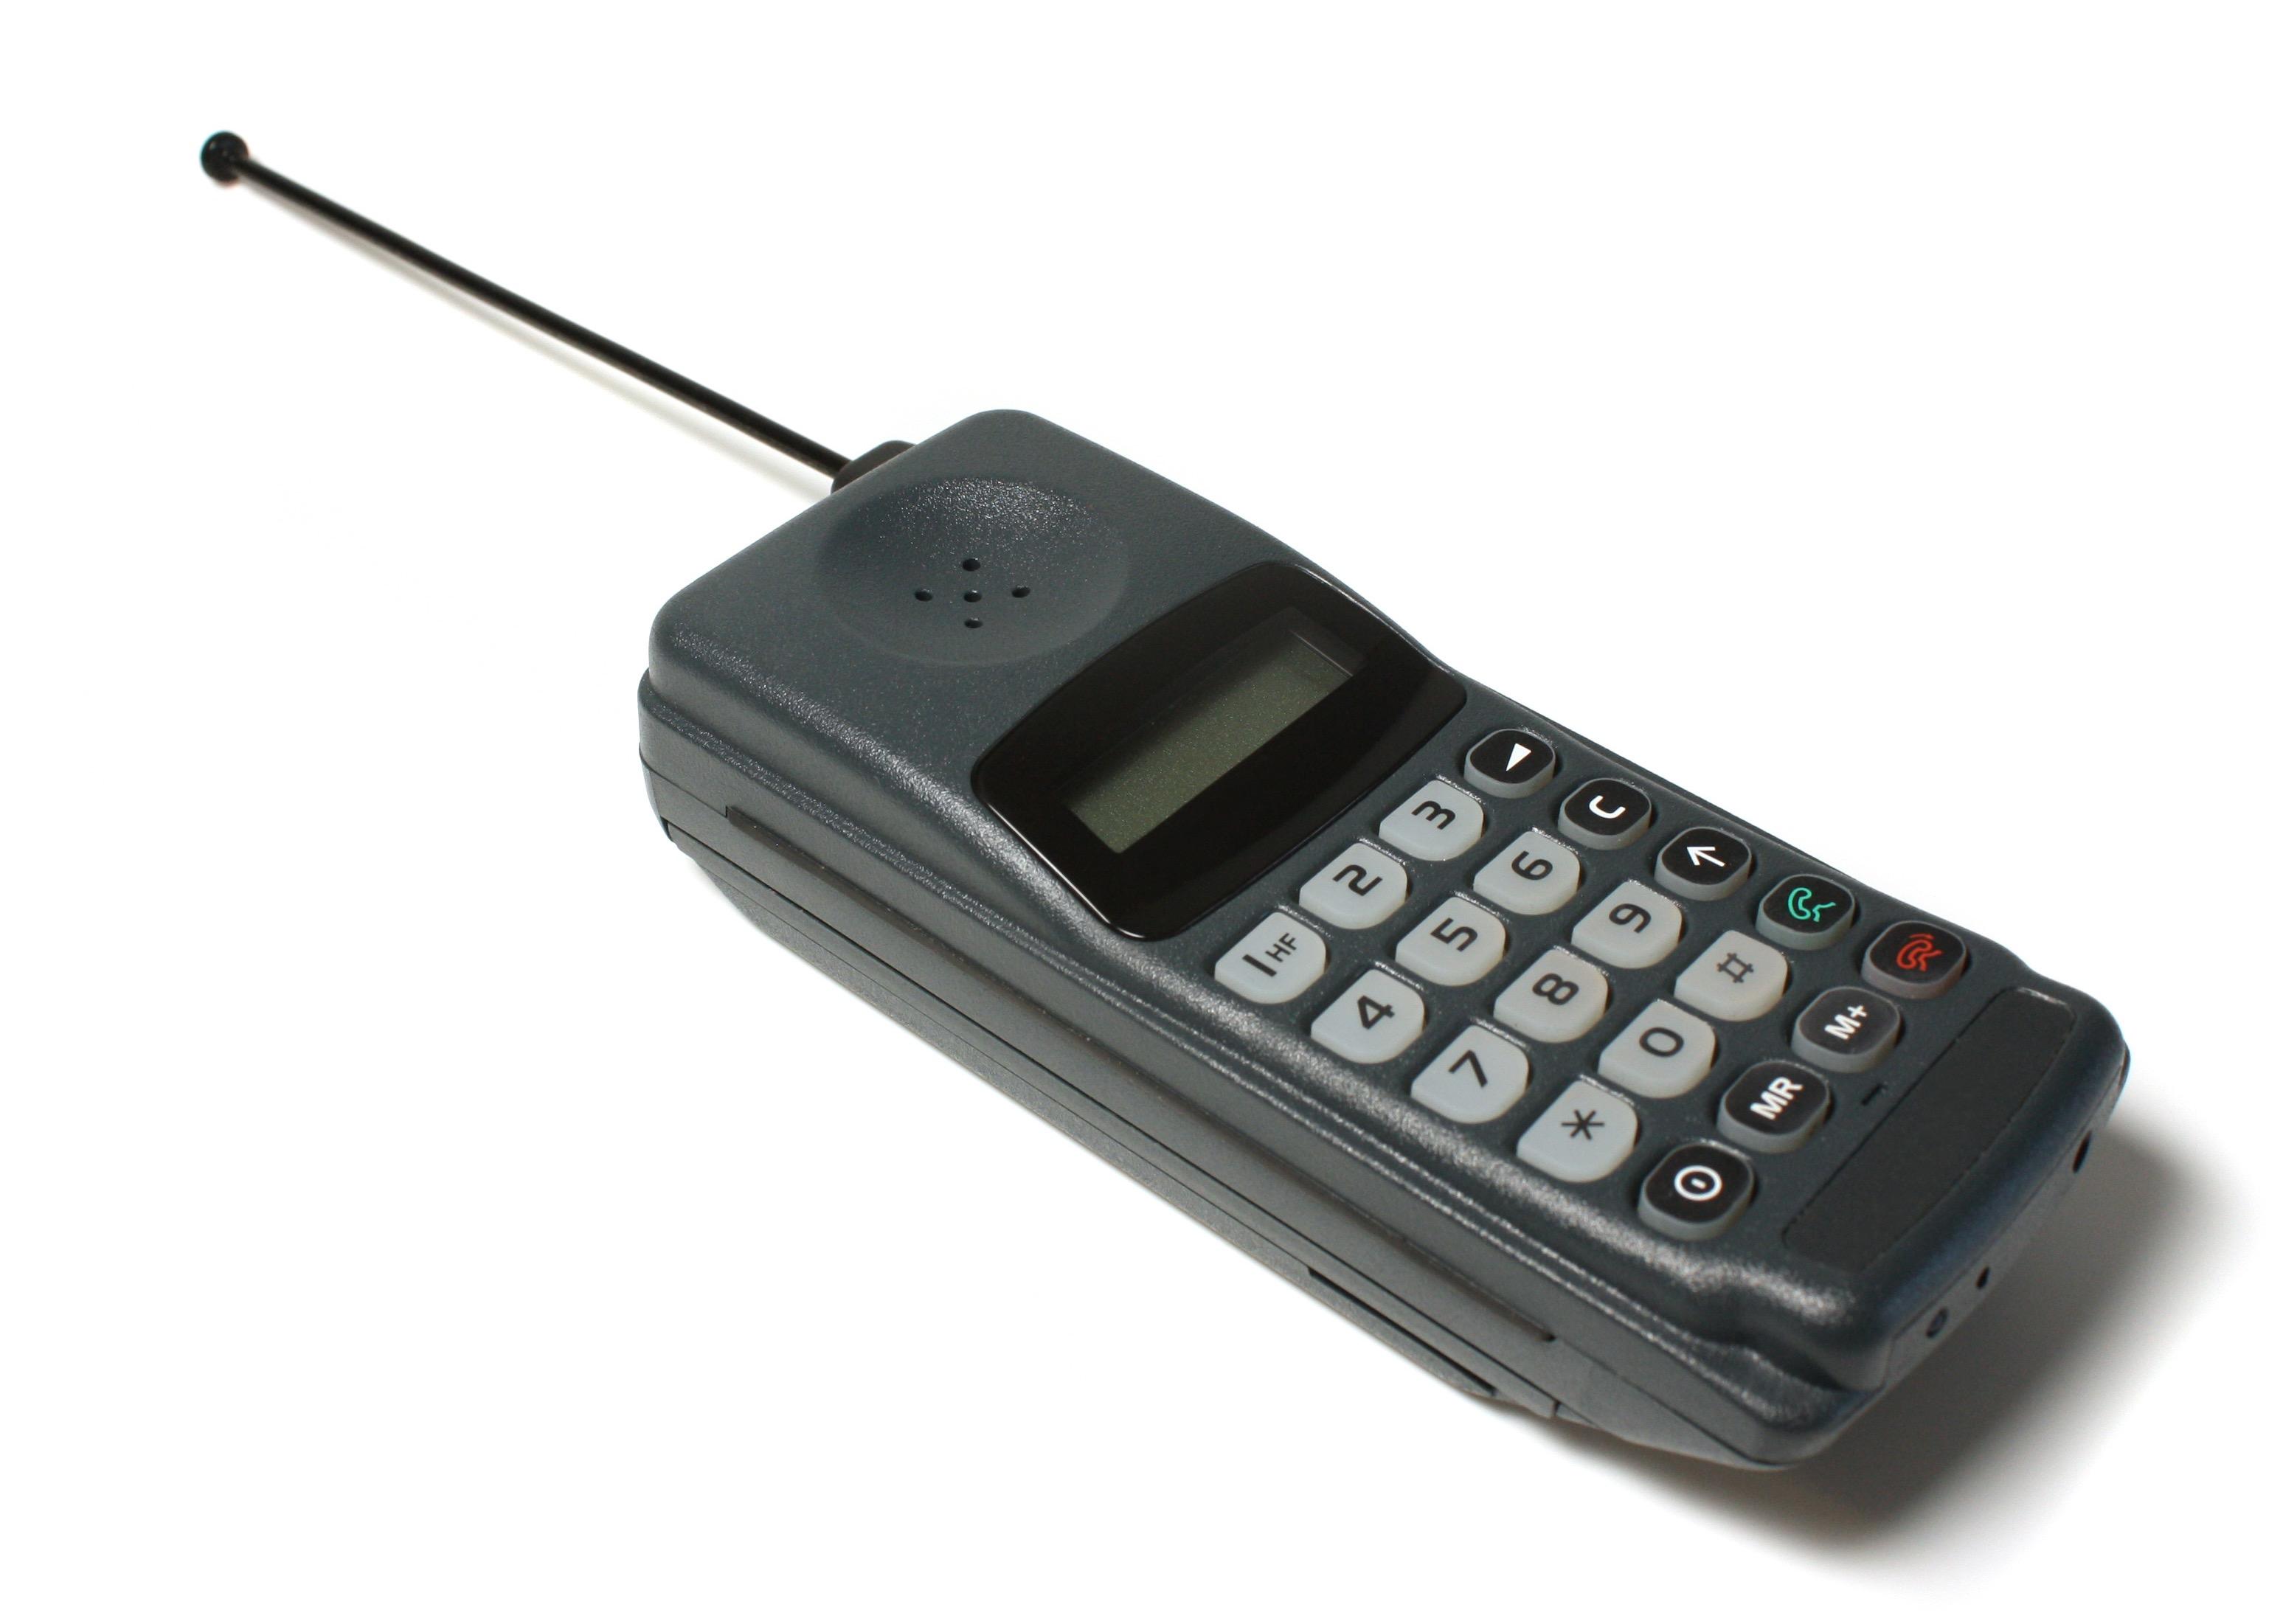 Motorola PT-550